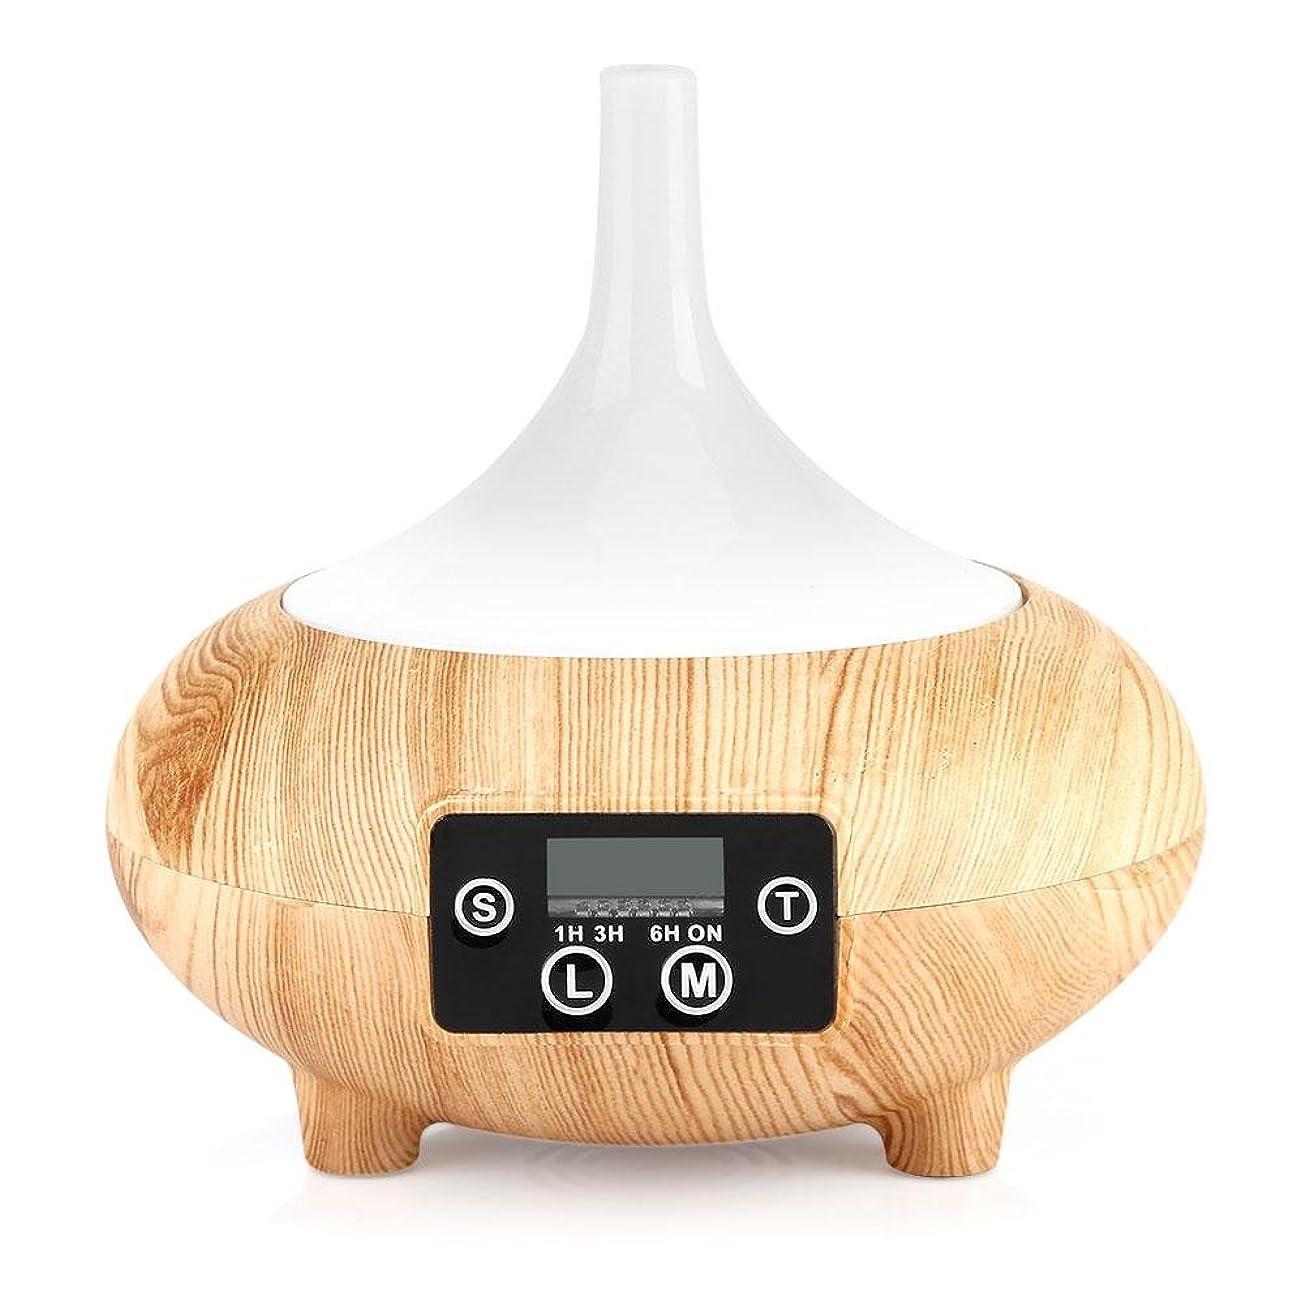 模索アンカー遺伝的加湿器 アロマディフューザー LED時計 卓上加湿器 空気清浄機 空焚き防止機能搭載 色変換LED搭載 ミストモード 時間設定 木目調 おしゃれ 乾燥対応 SPA美容など適用(浅木纹)